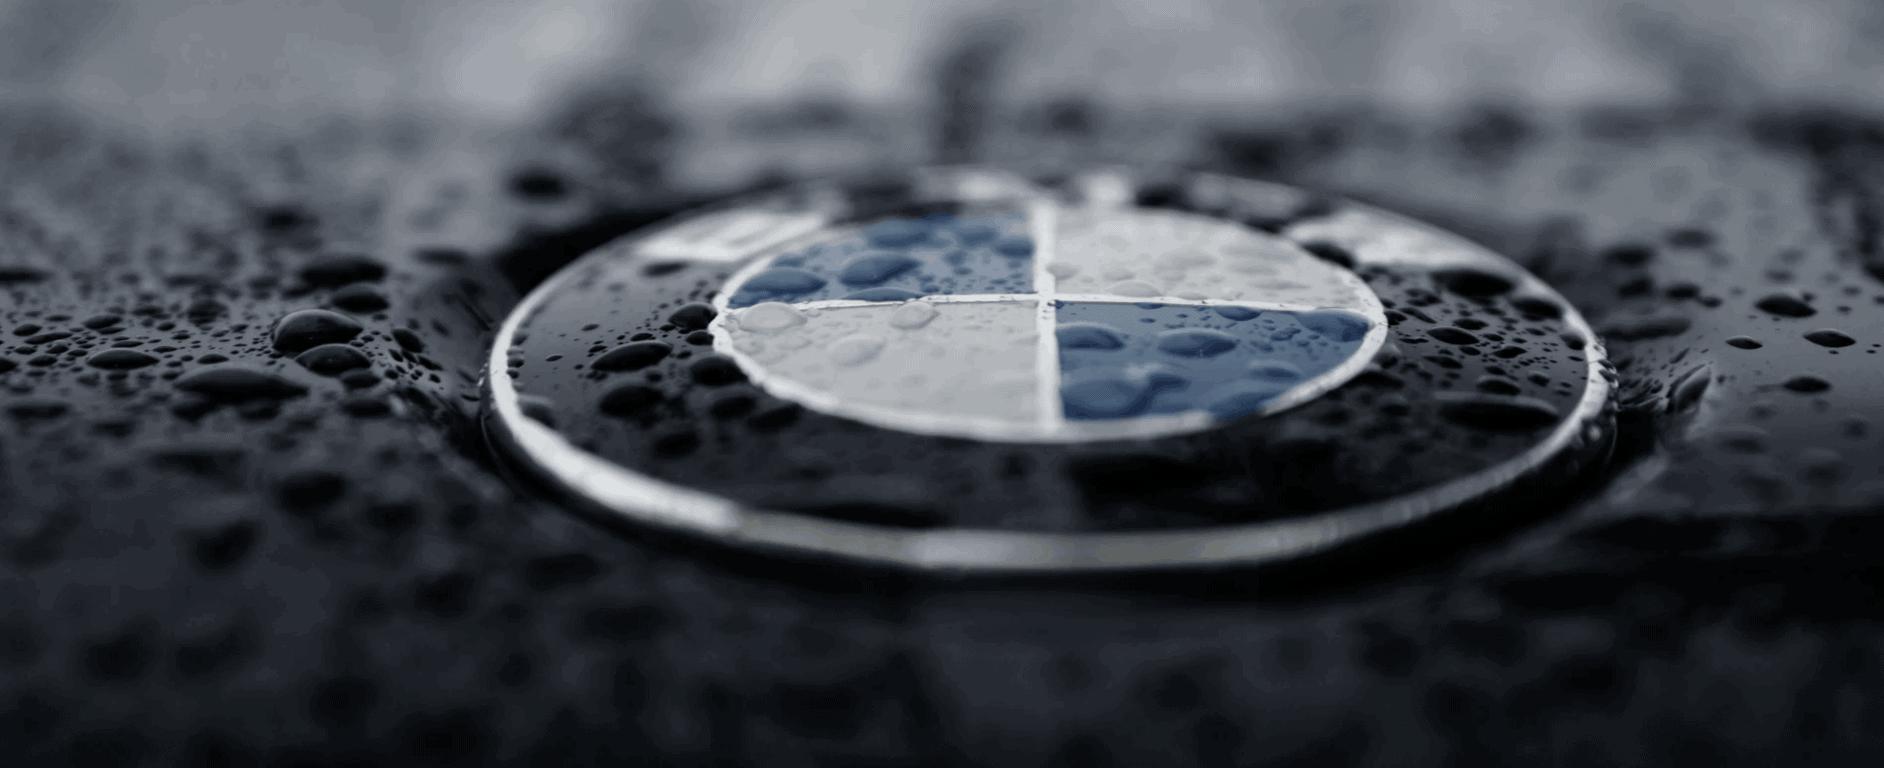 größte automobilzulieferer deutschland ranking